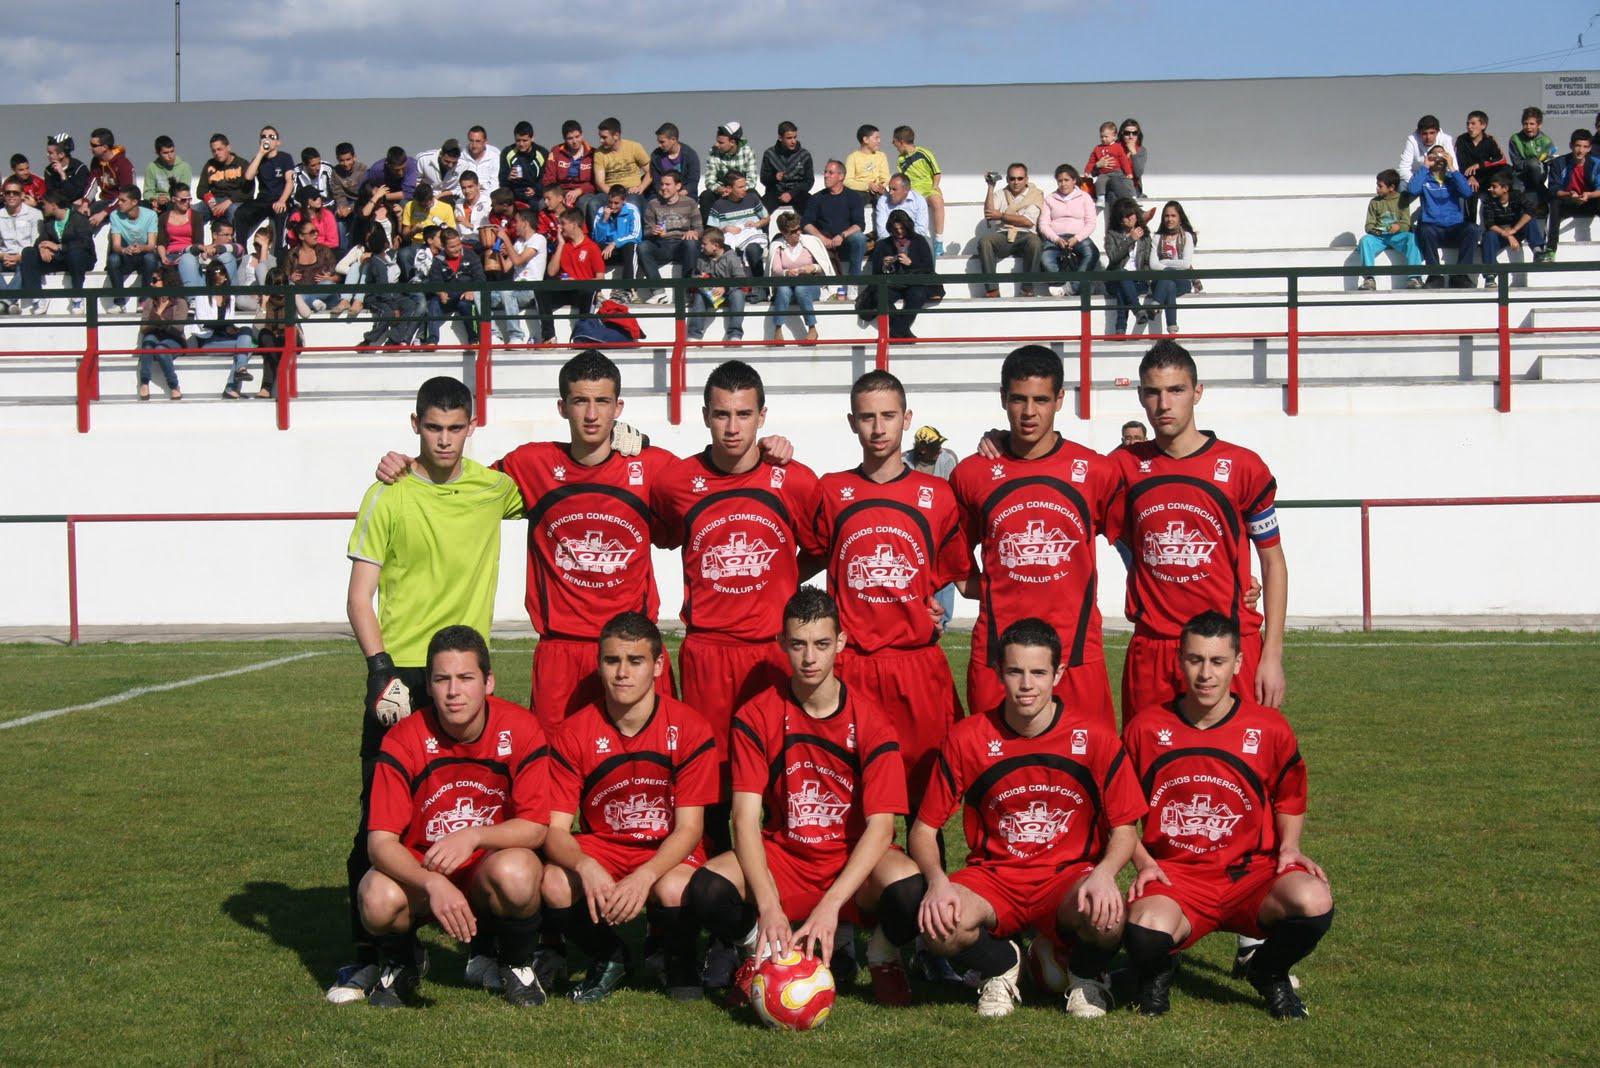 Imagenes De Equipos De Futbol - Liga MX en fotos hermosas aficionadas a equipos de futbol